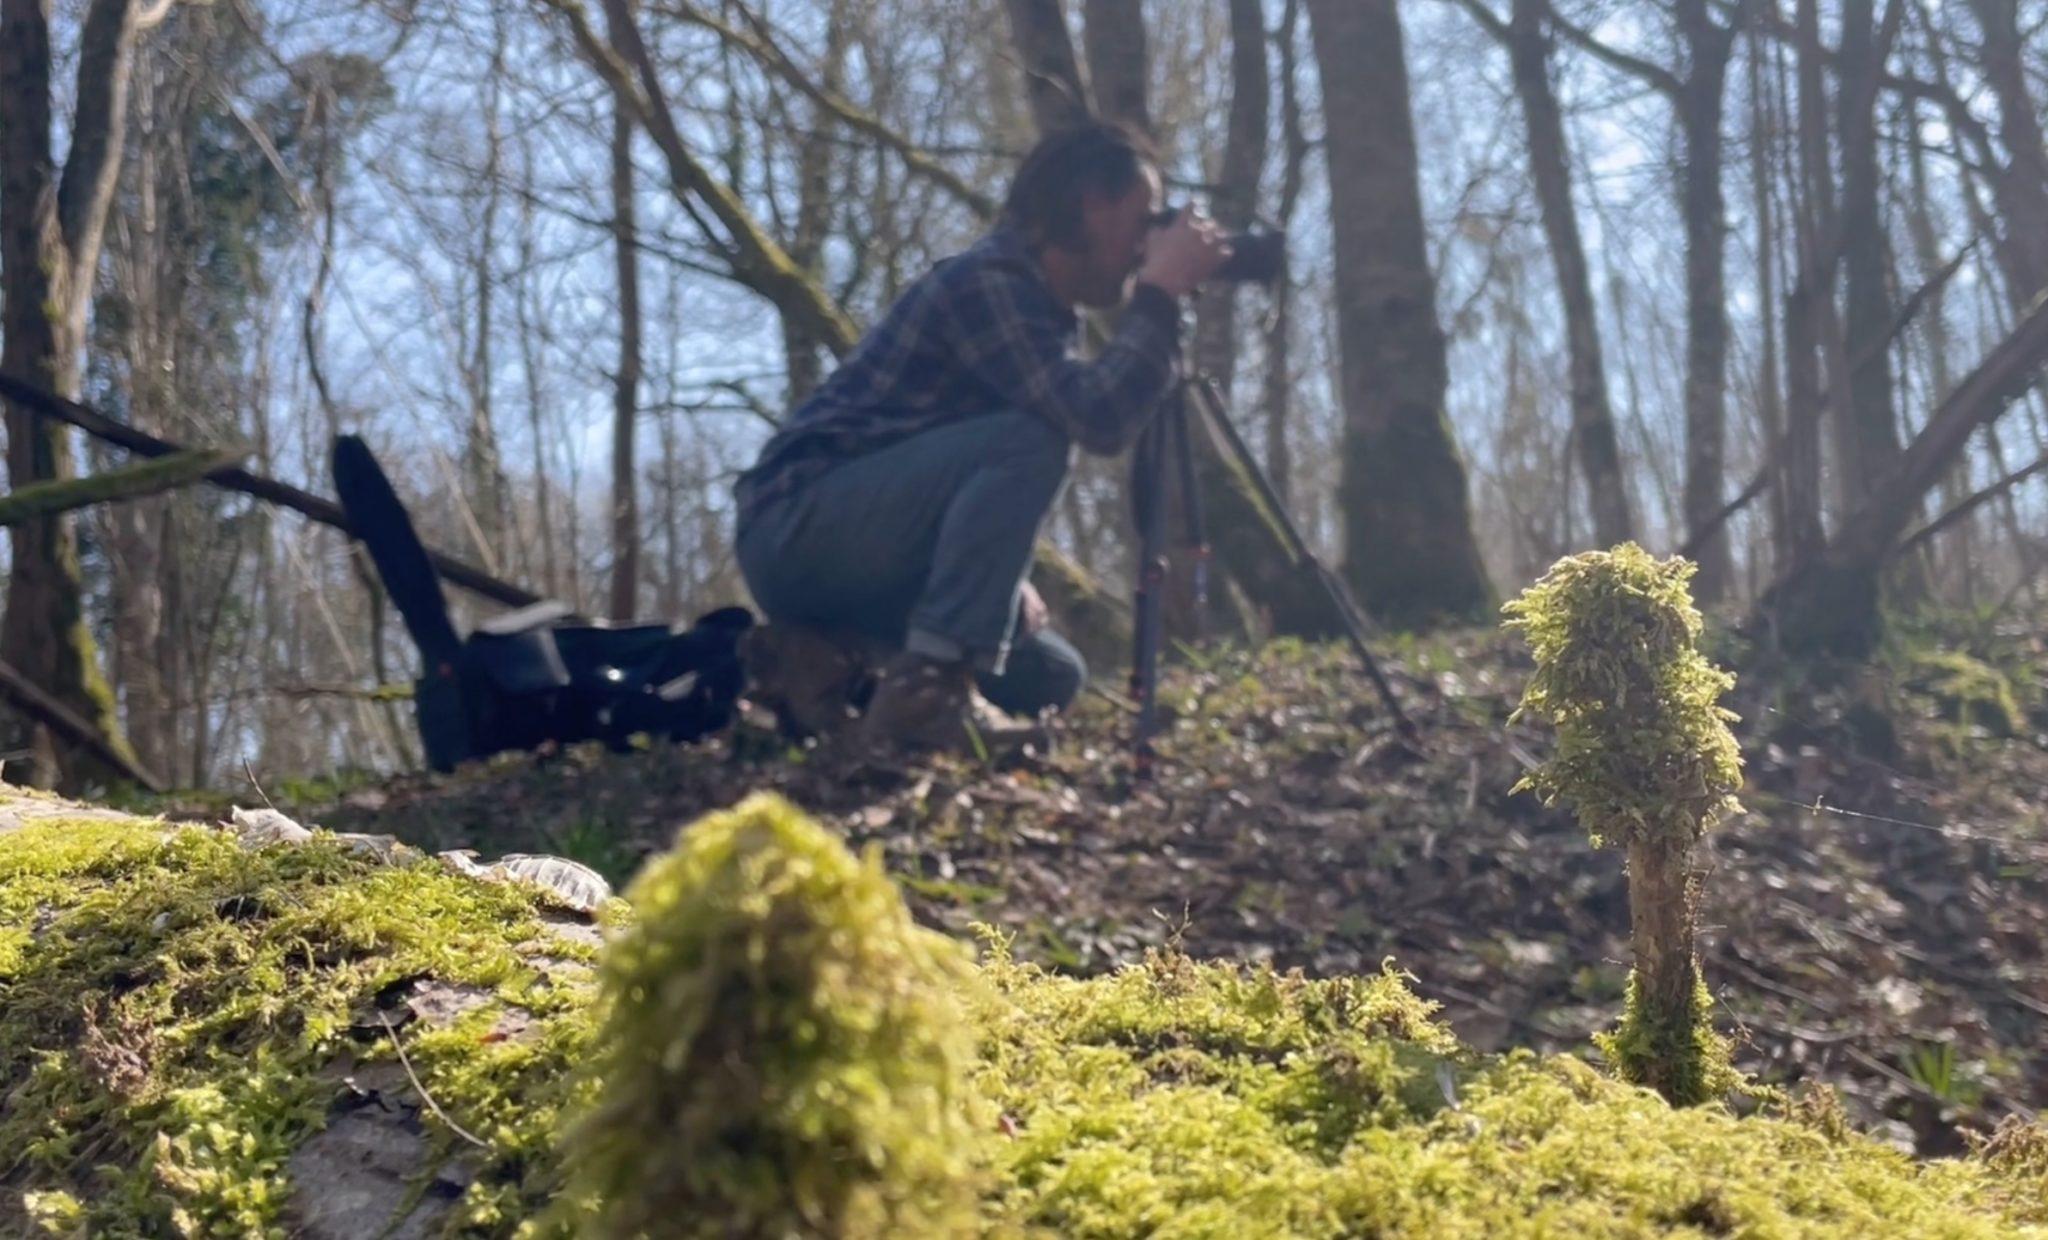 Typhaine Granger – 4ème film consacré à David Rase, fondateur de l'association